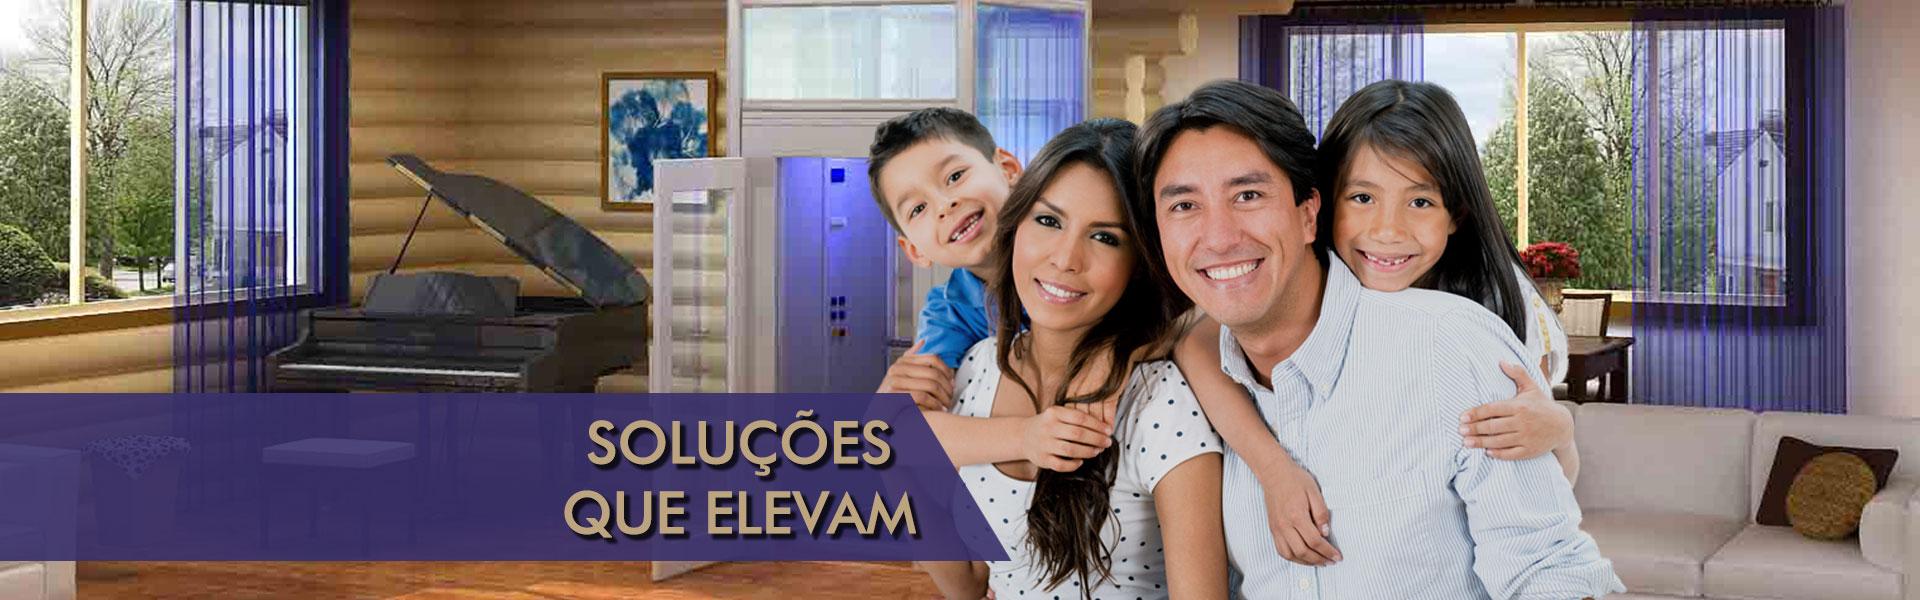 elevabem-slide02